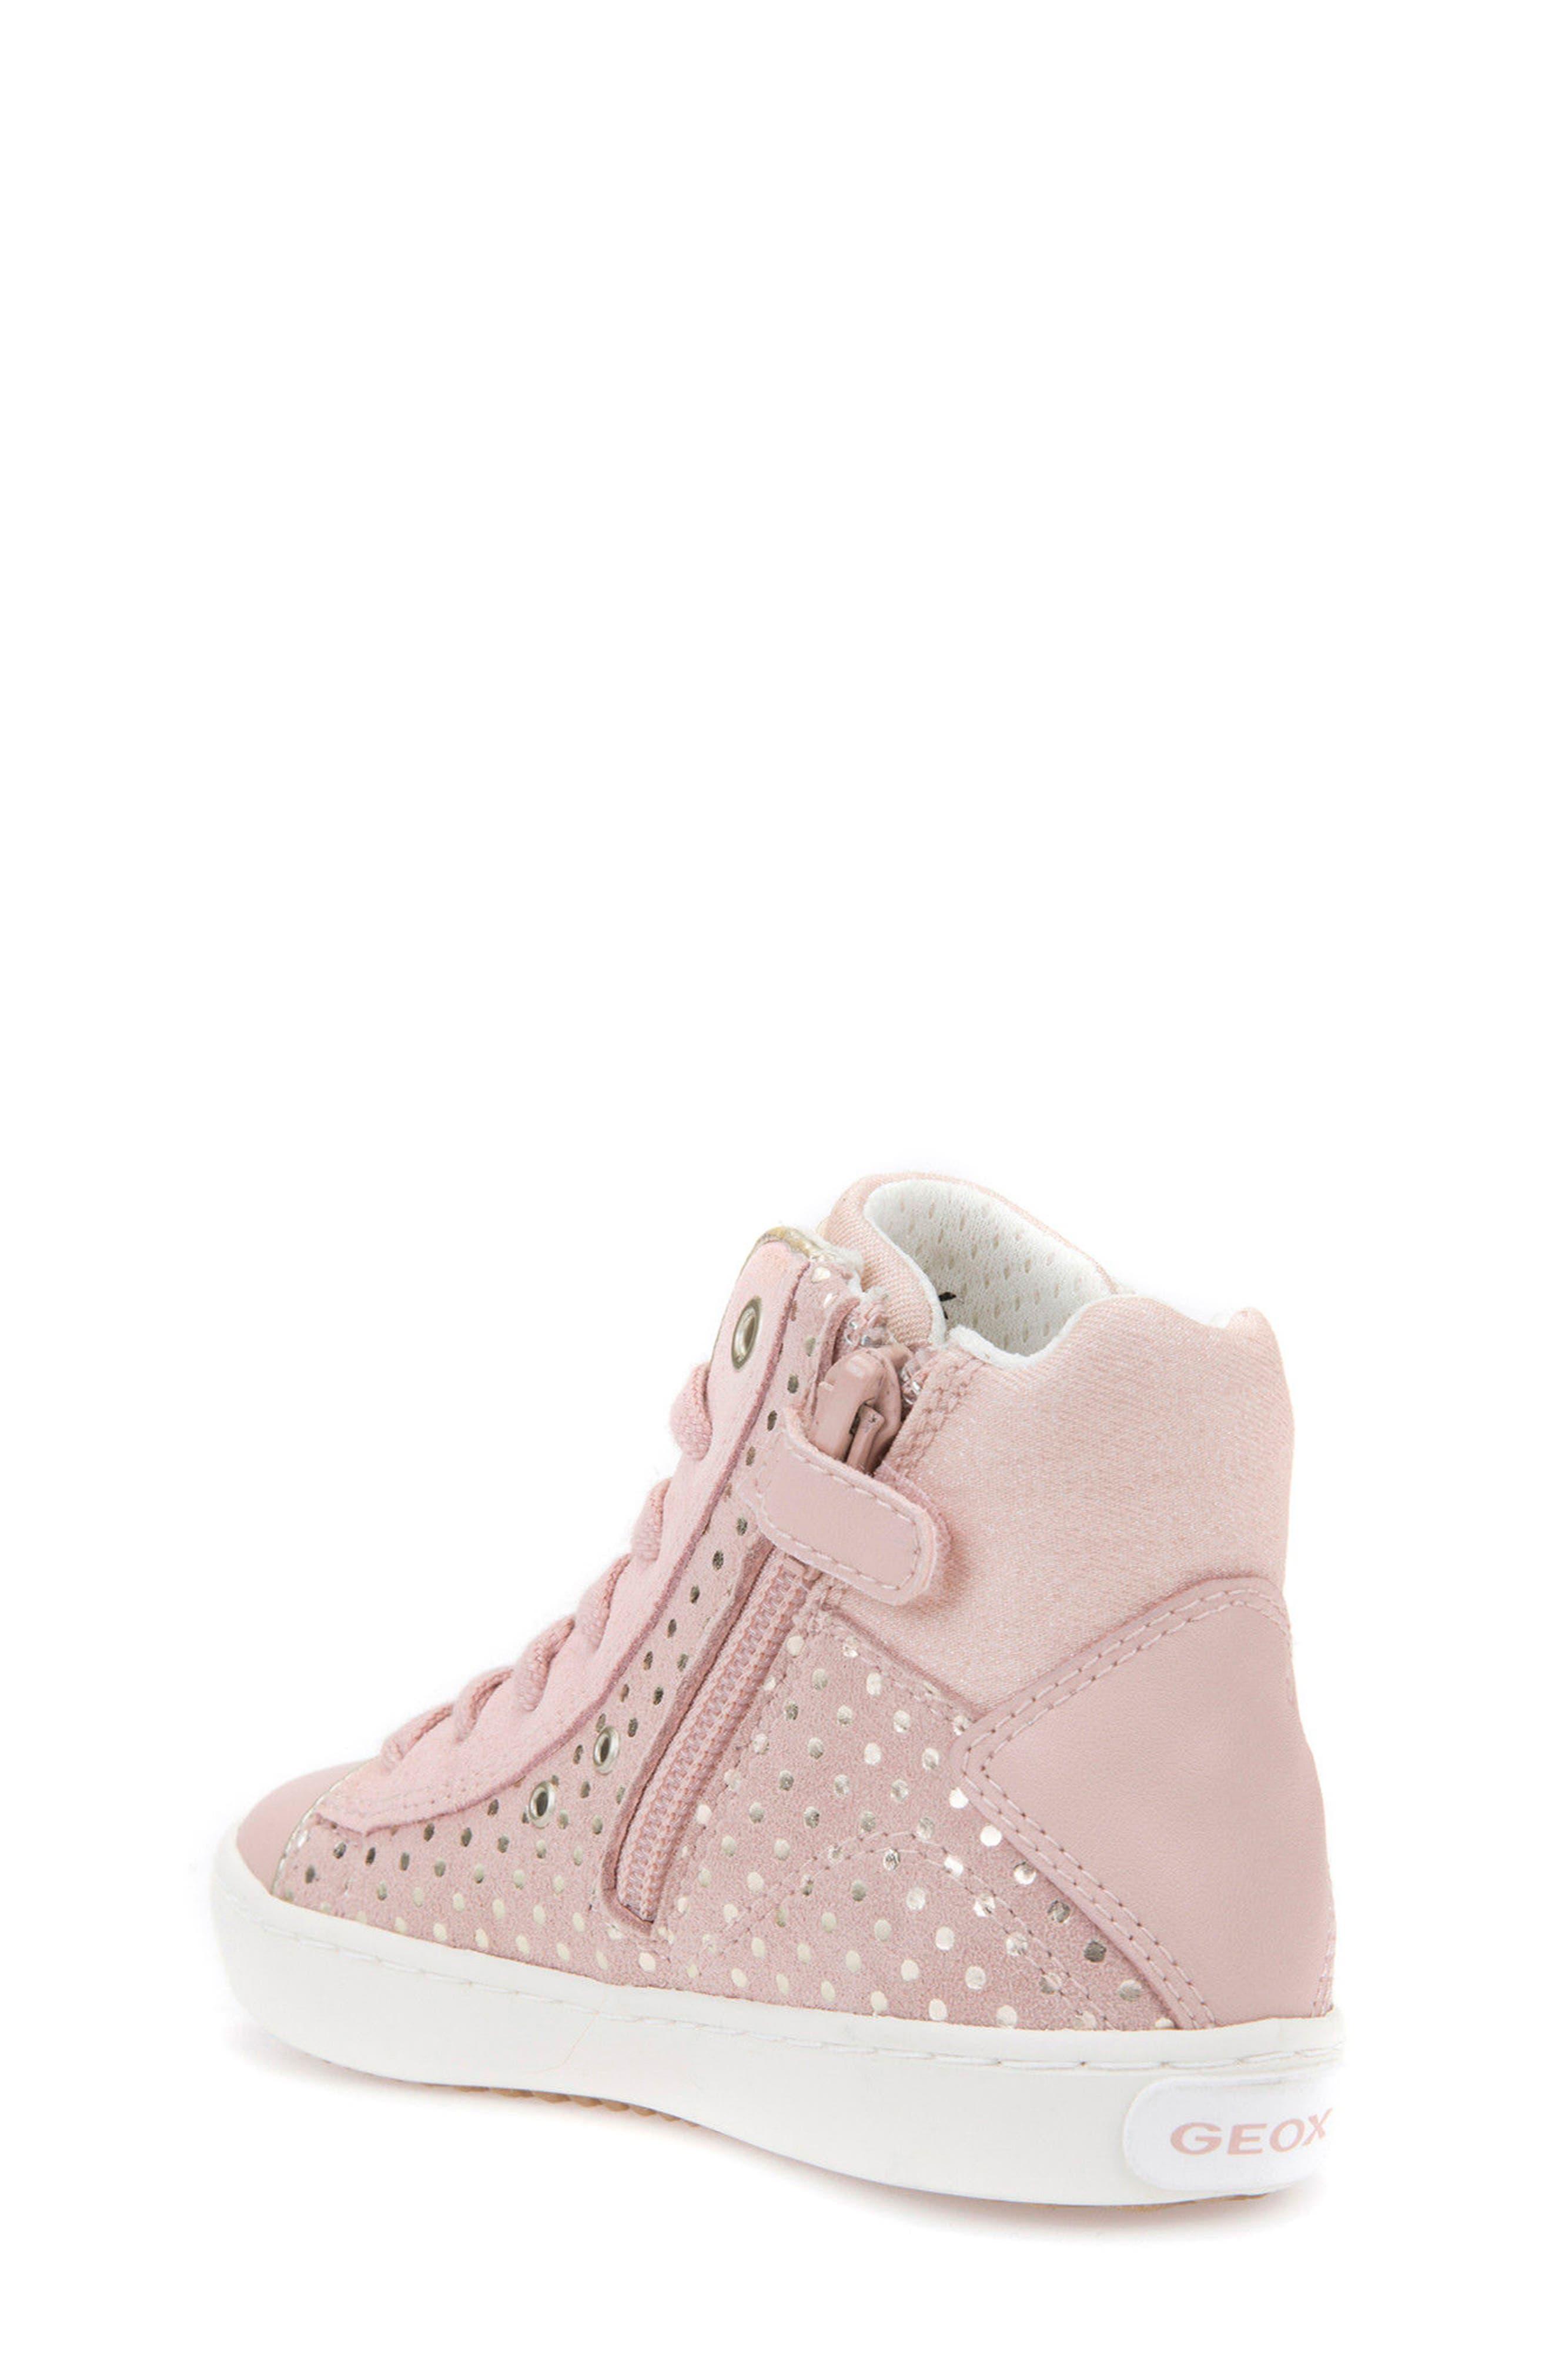 Kilwi High Top Zip Sneaker,                             Alternate thumbnail 2, color,                             Rose